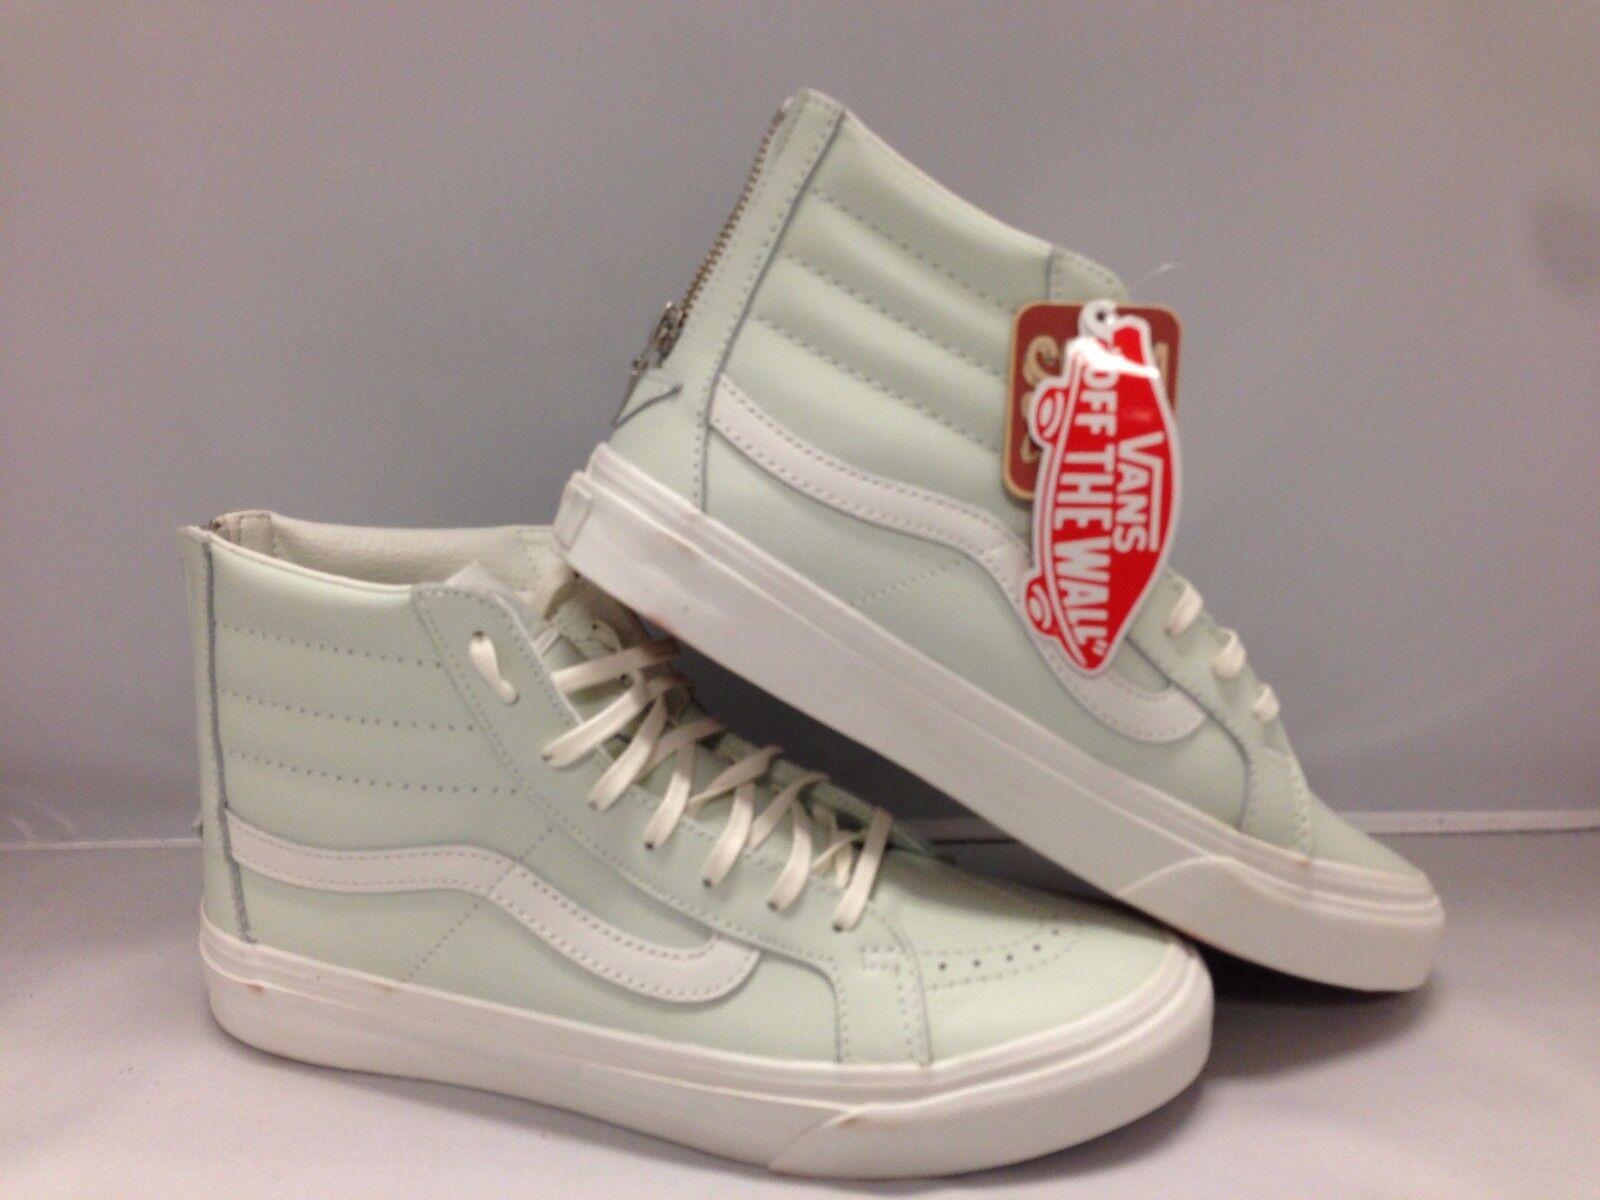 Adidas Stan Smith ** NEU!!! ** Farbe weißblau, Gr. 44 9 12